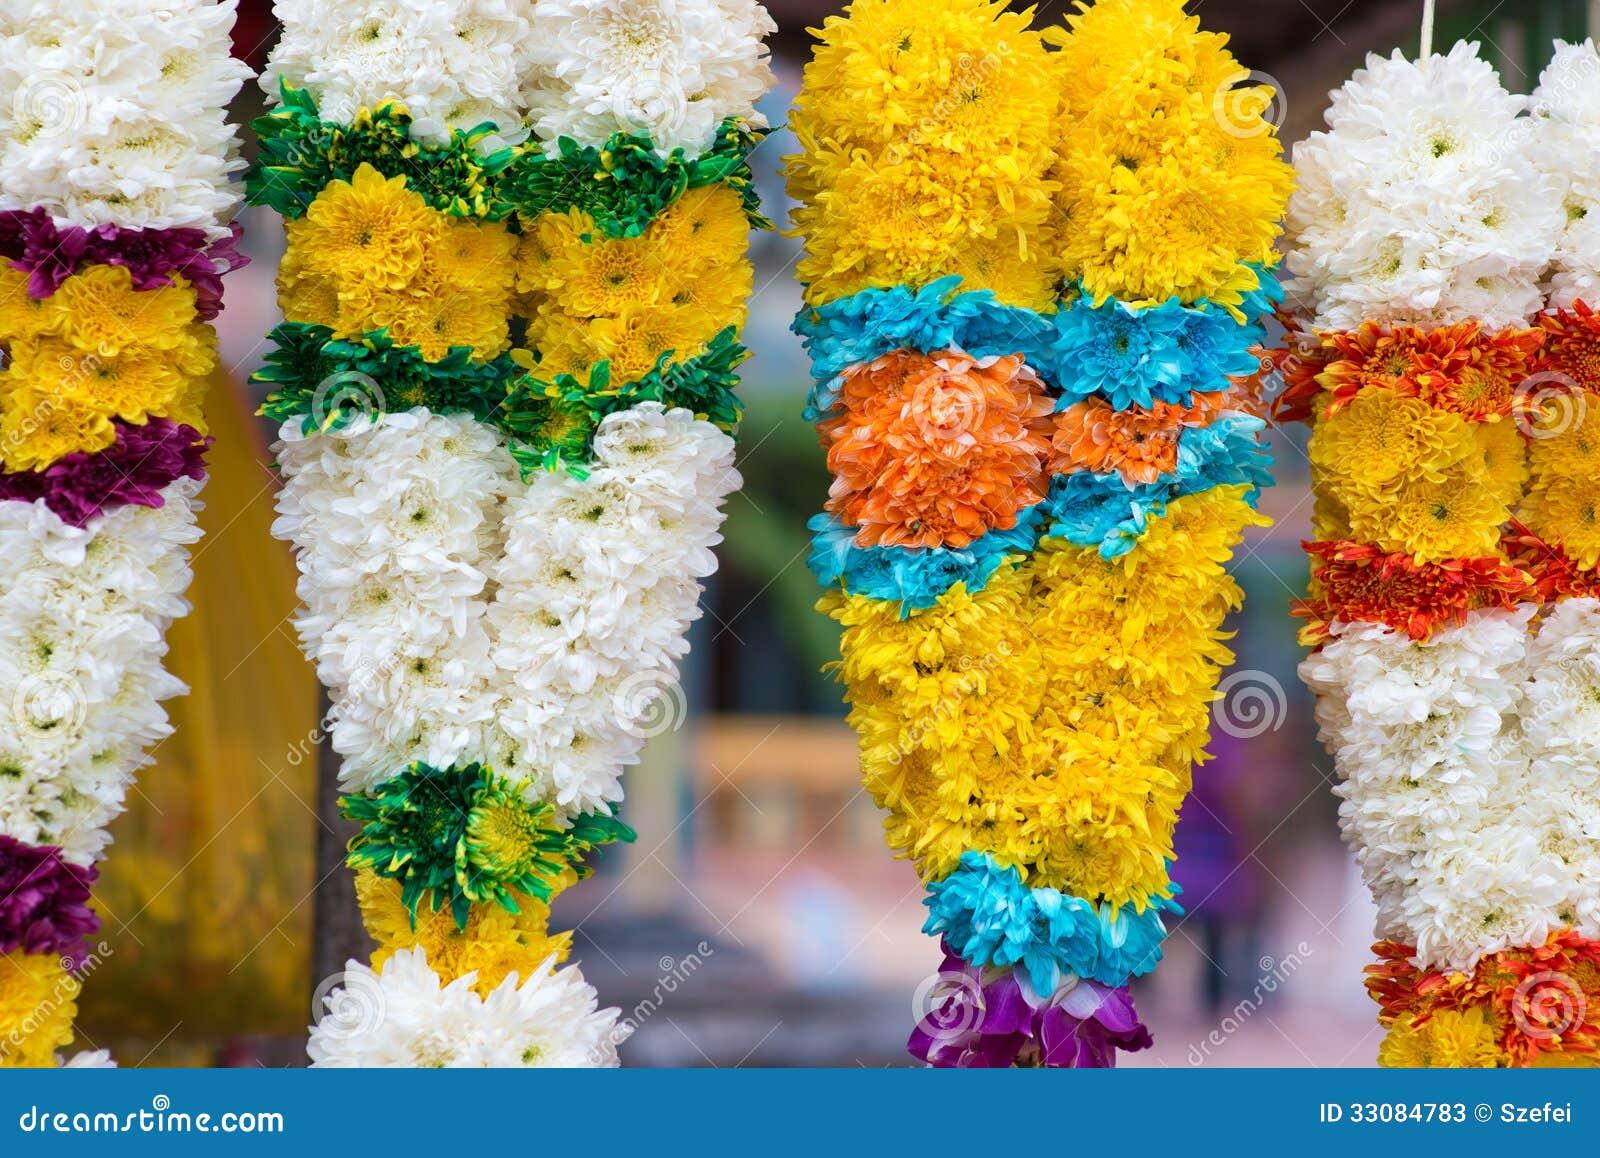 indian flower garlands stock image image of deepavali 33084783. Black Bedroom Furniture Sets. Home Design Ideas